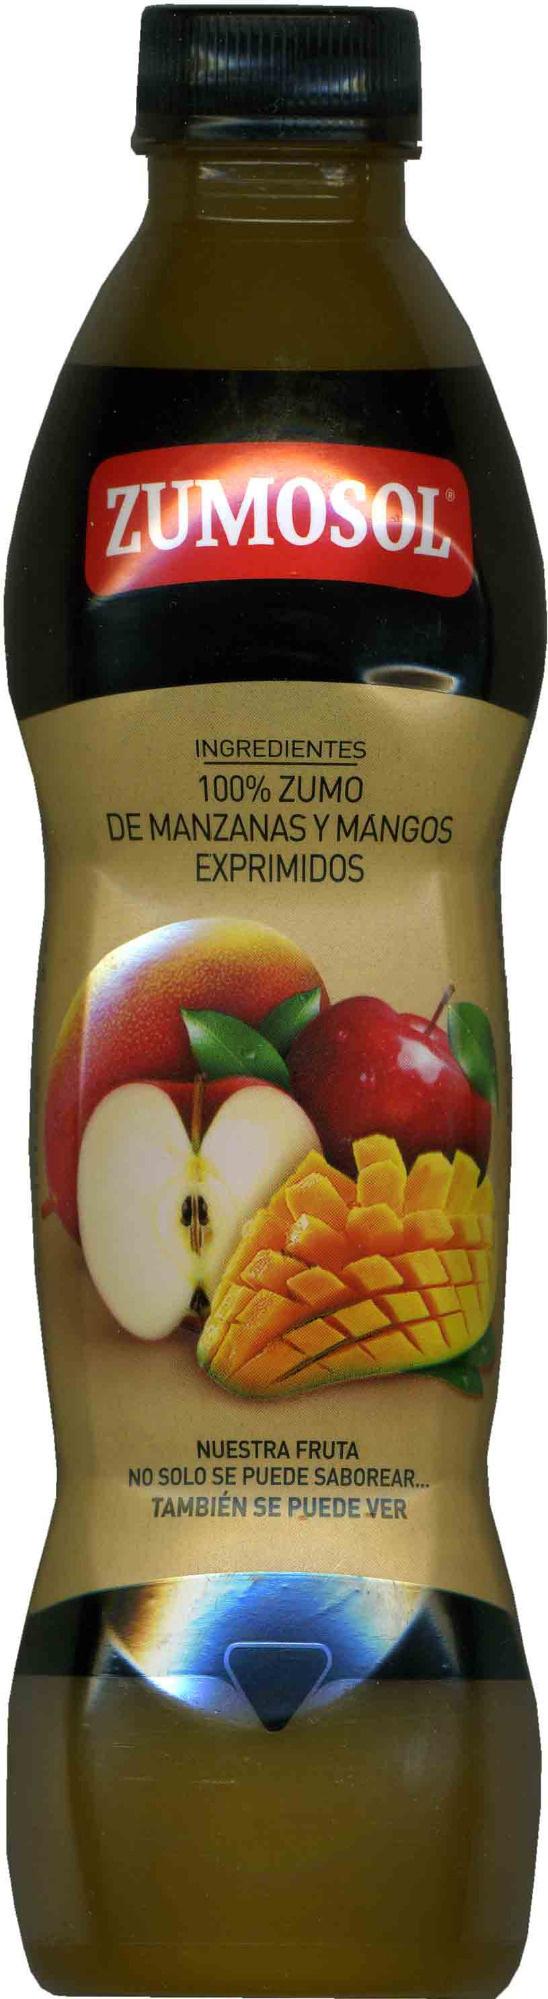 Zumo de manzanas y mangos exprimidos - Produit - es